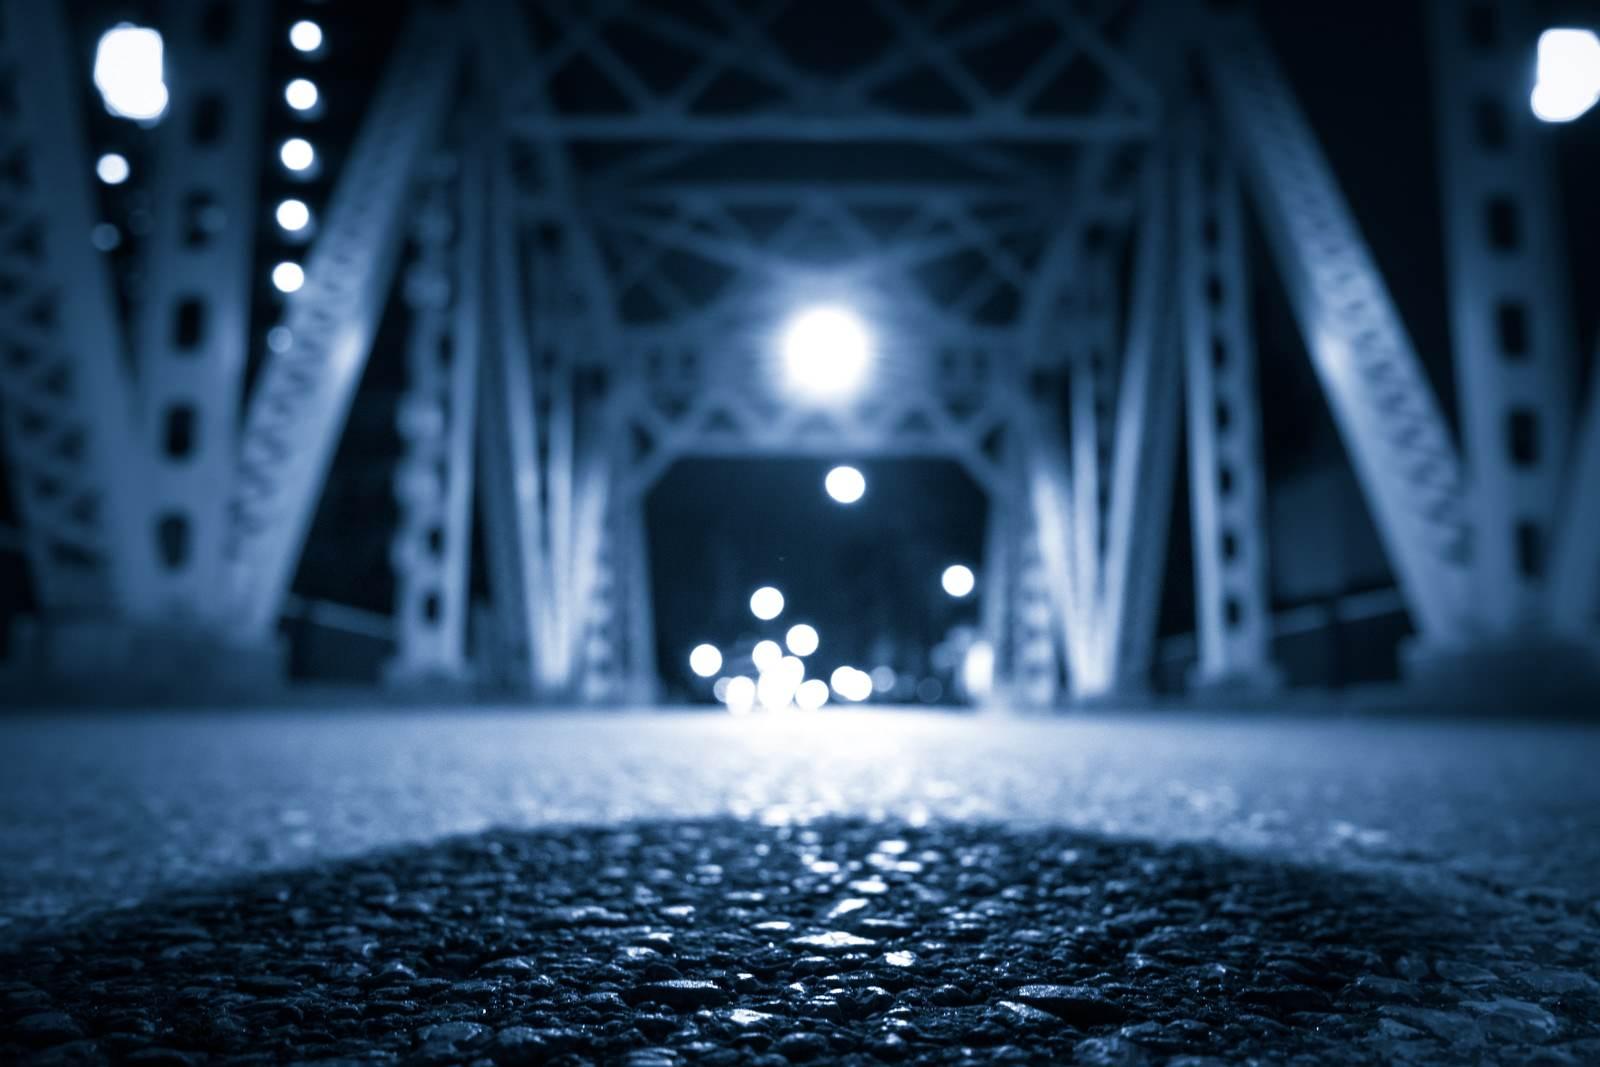 「アスファルトの路面(橋)」の写真